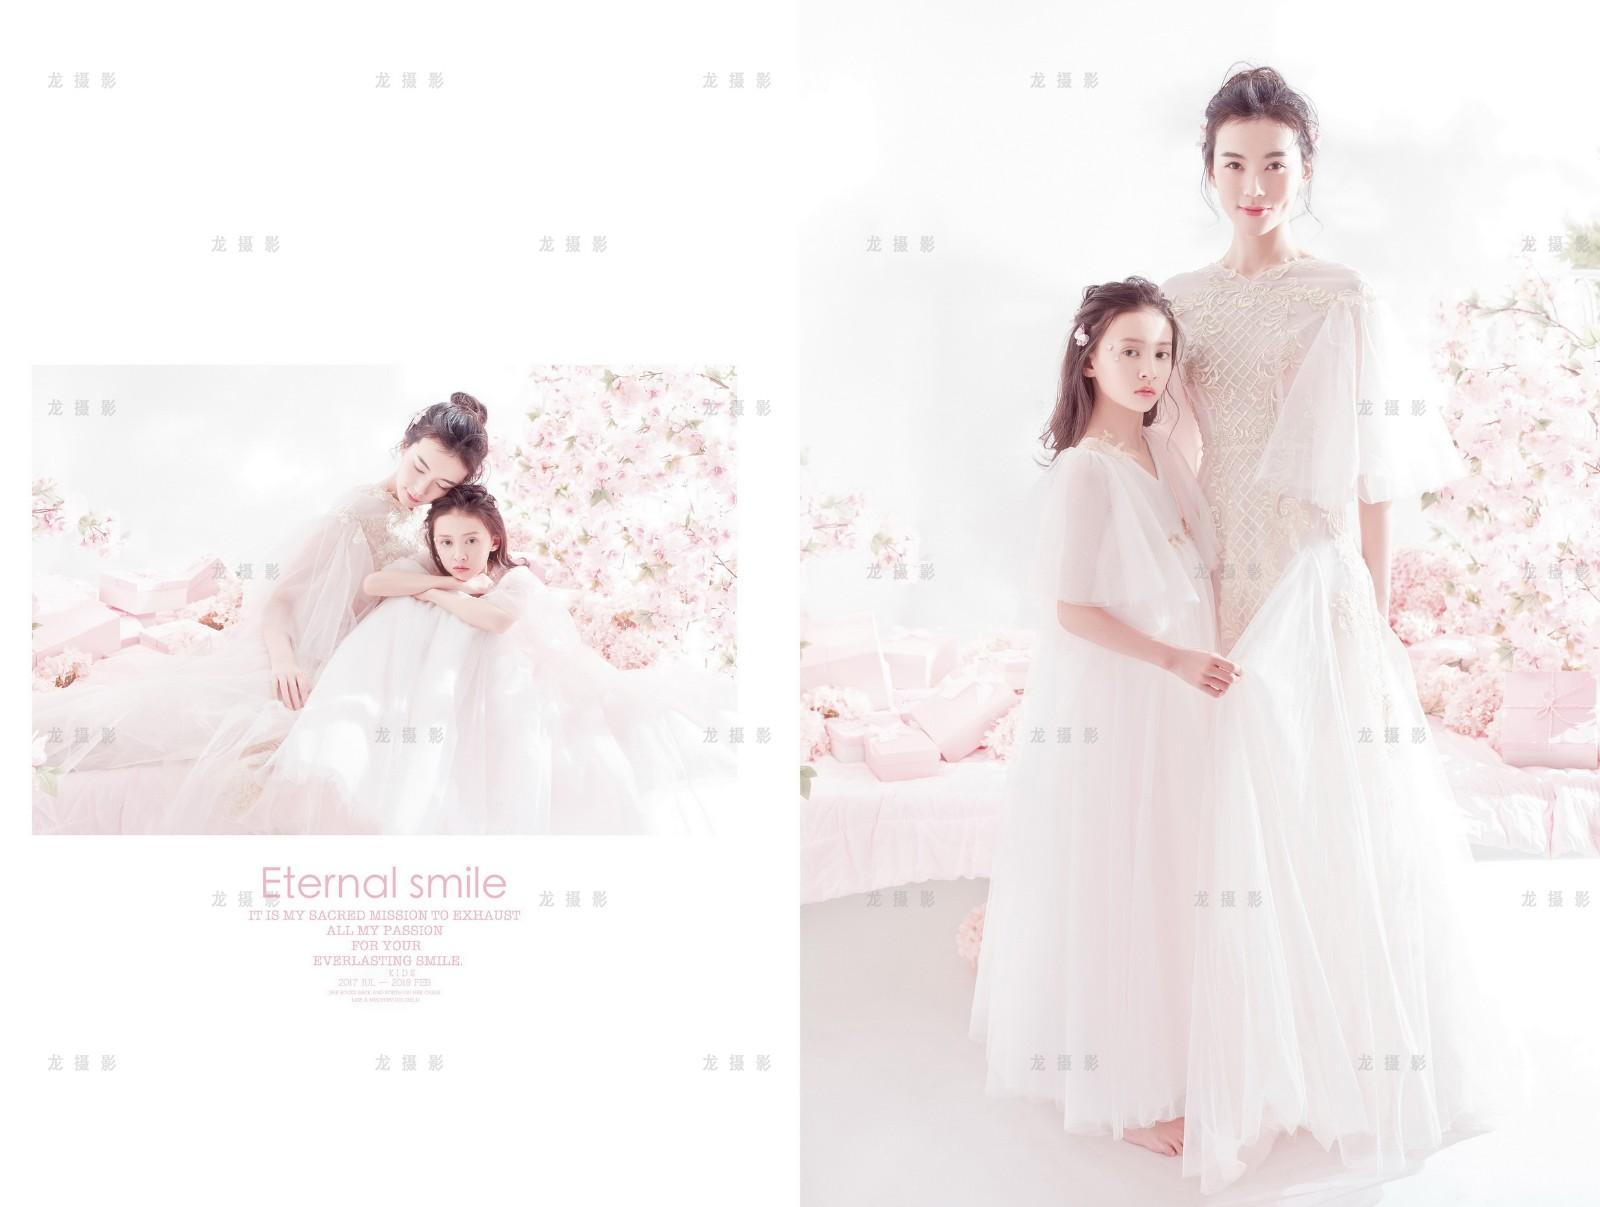 欧若拉|样片展示-朝阳尊爵龙摄影有限公司